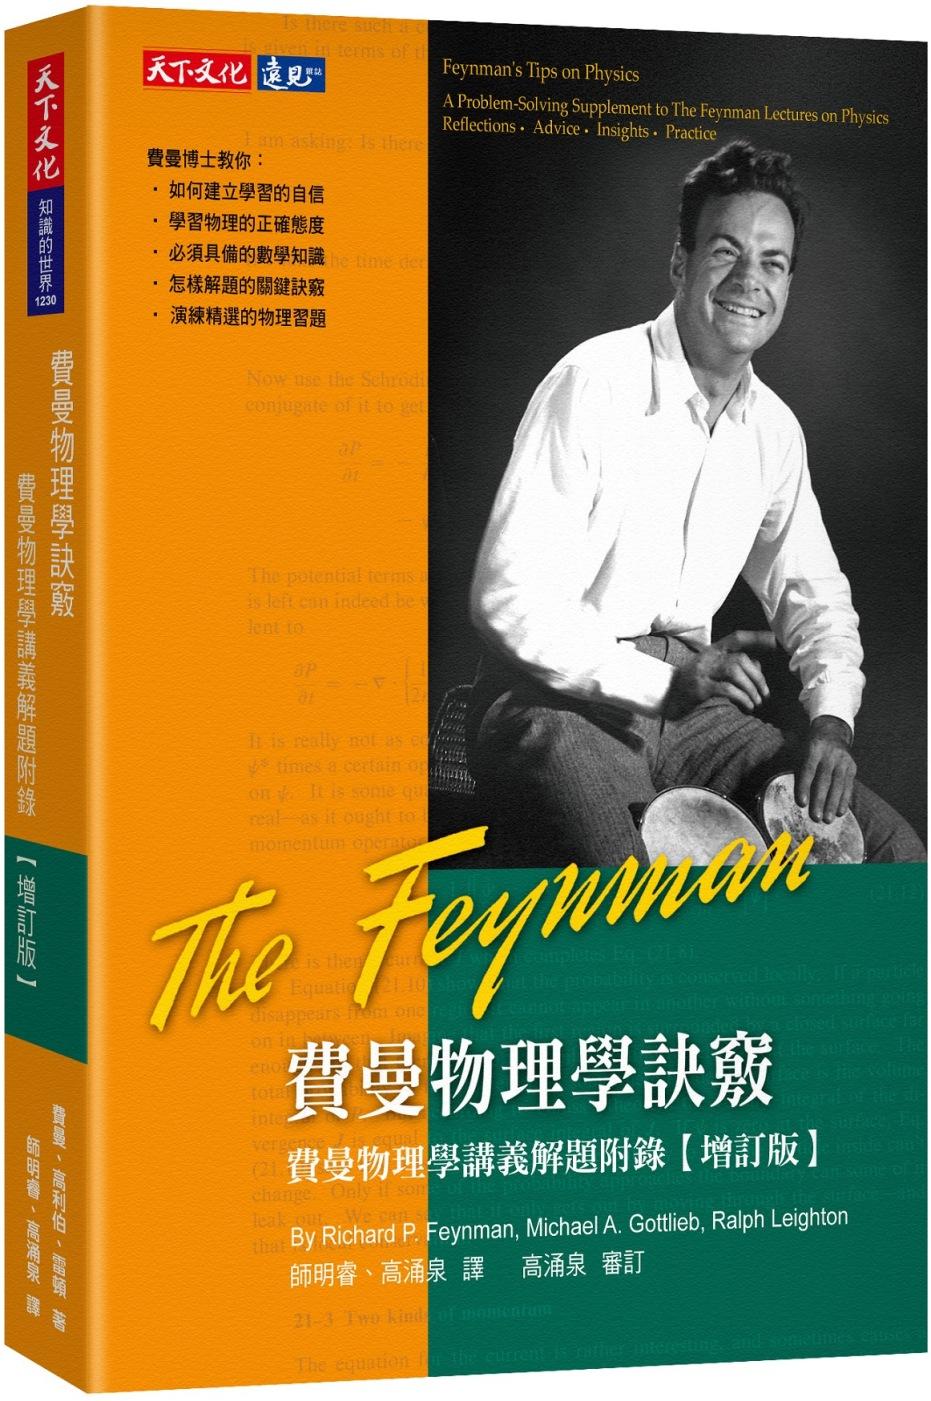 費曼物理學訣竅【增訂版】:費曼...